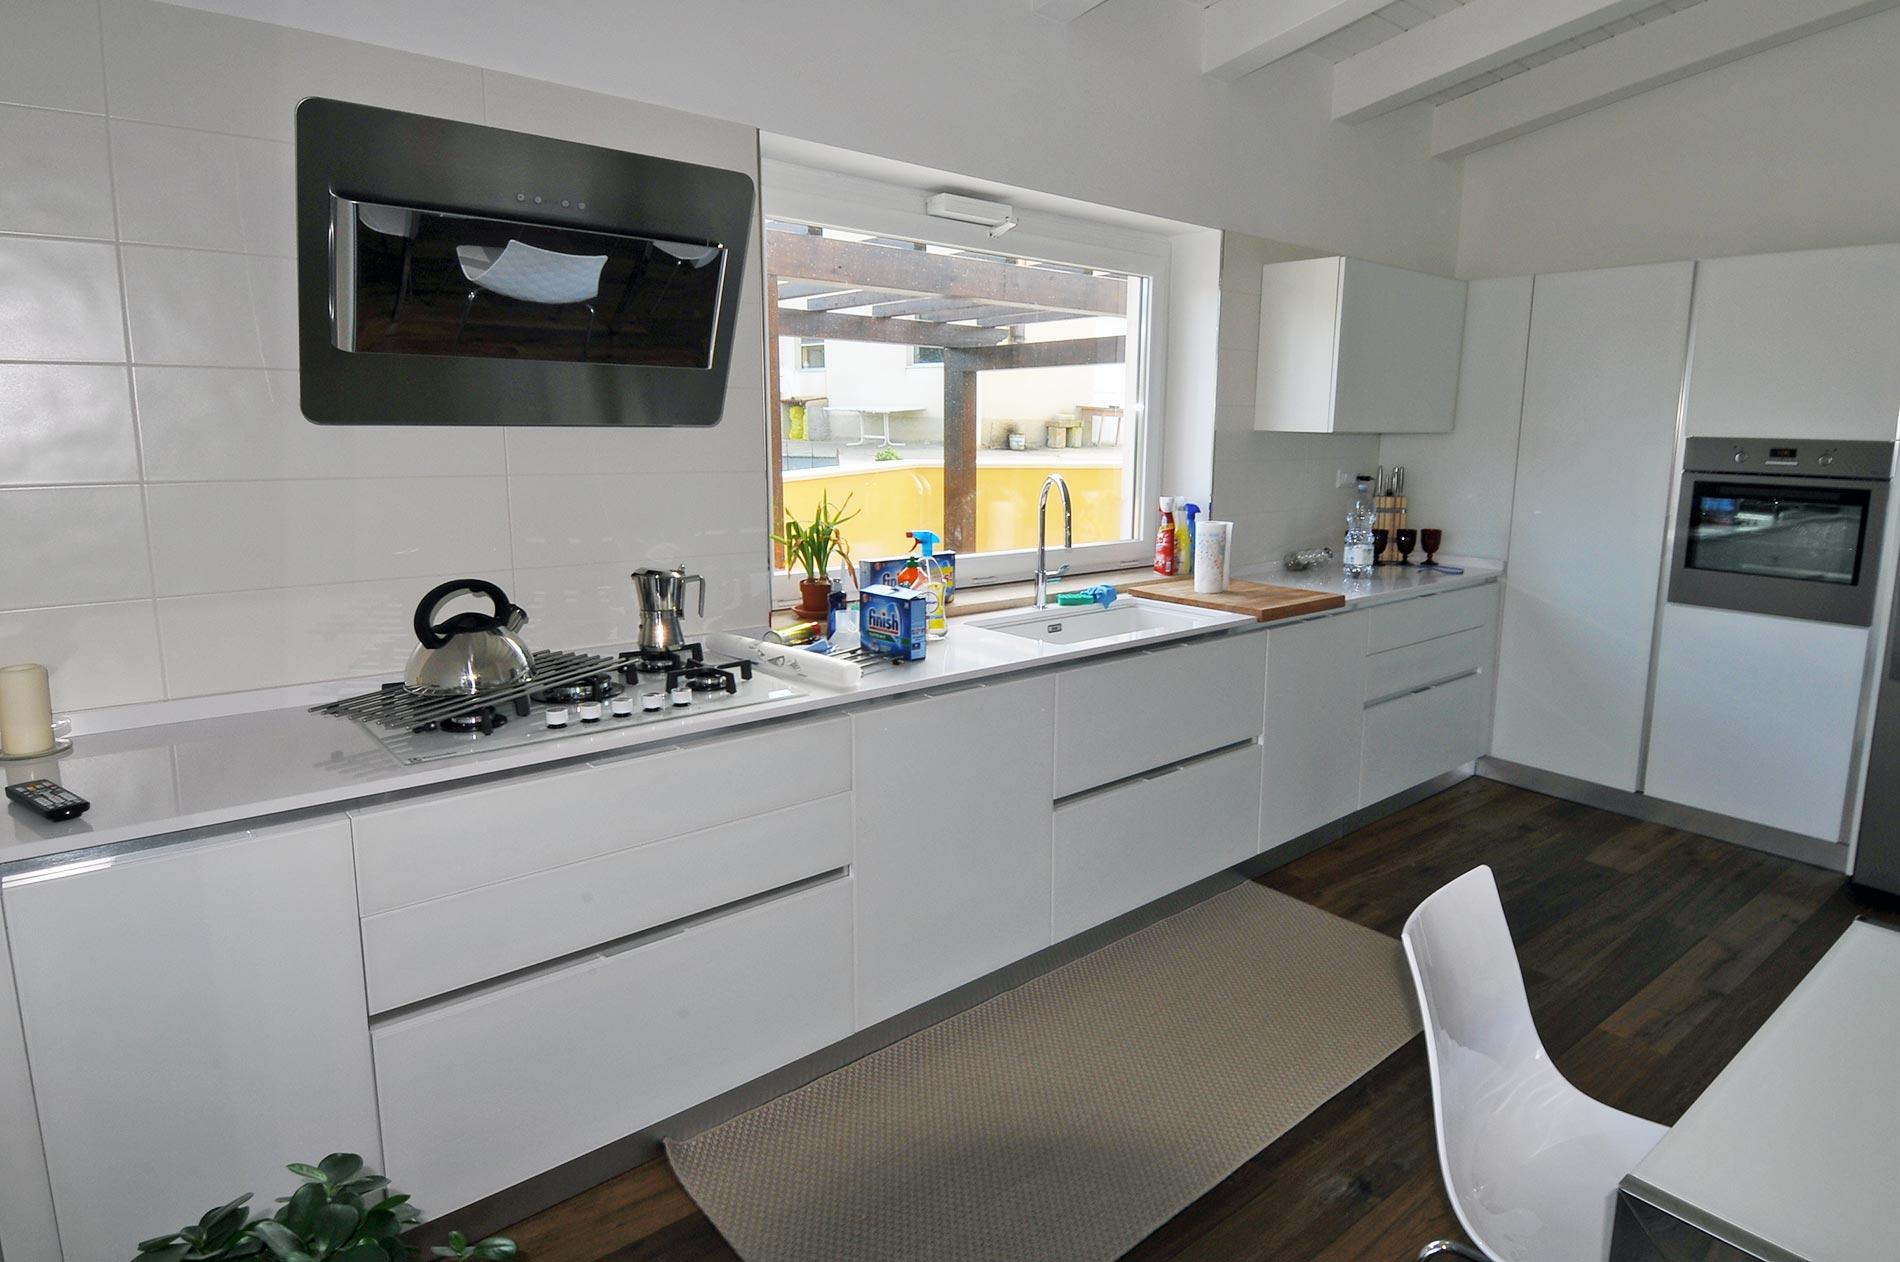 Cucina componibile moderna perfect cucine componibili - Top cucina moderna ...